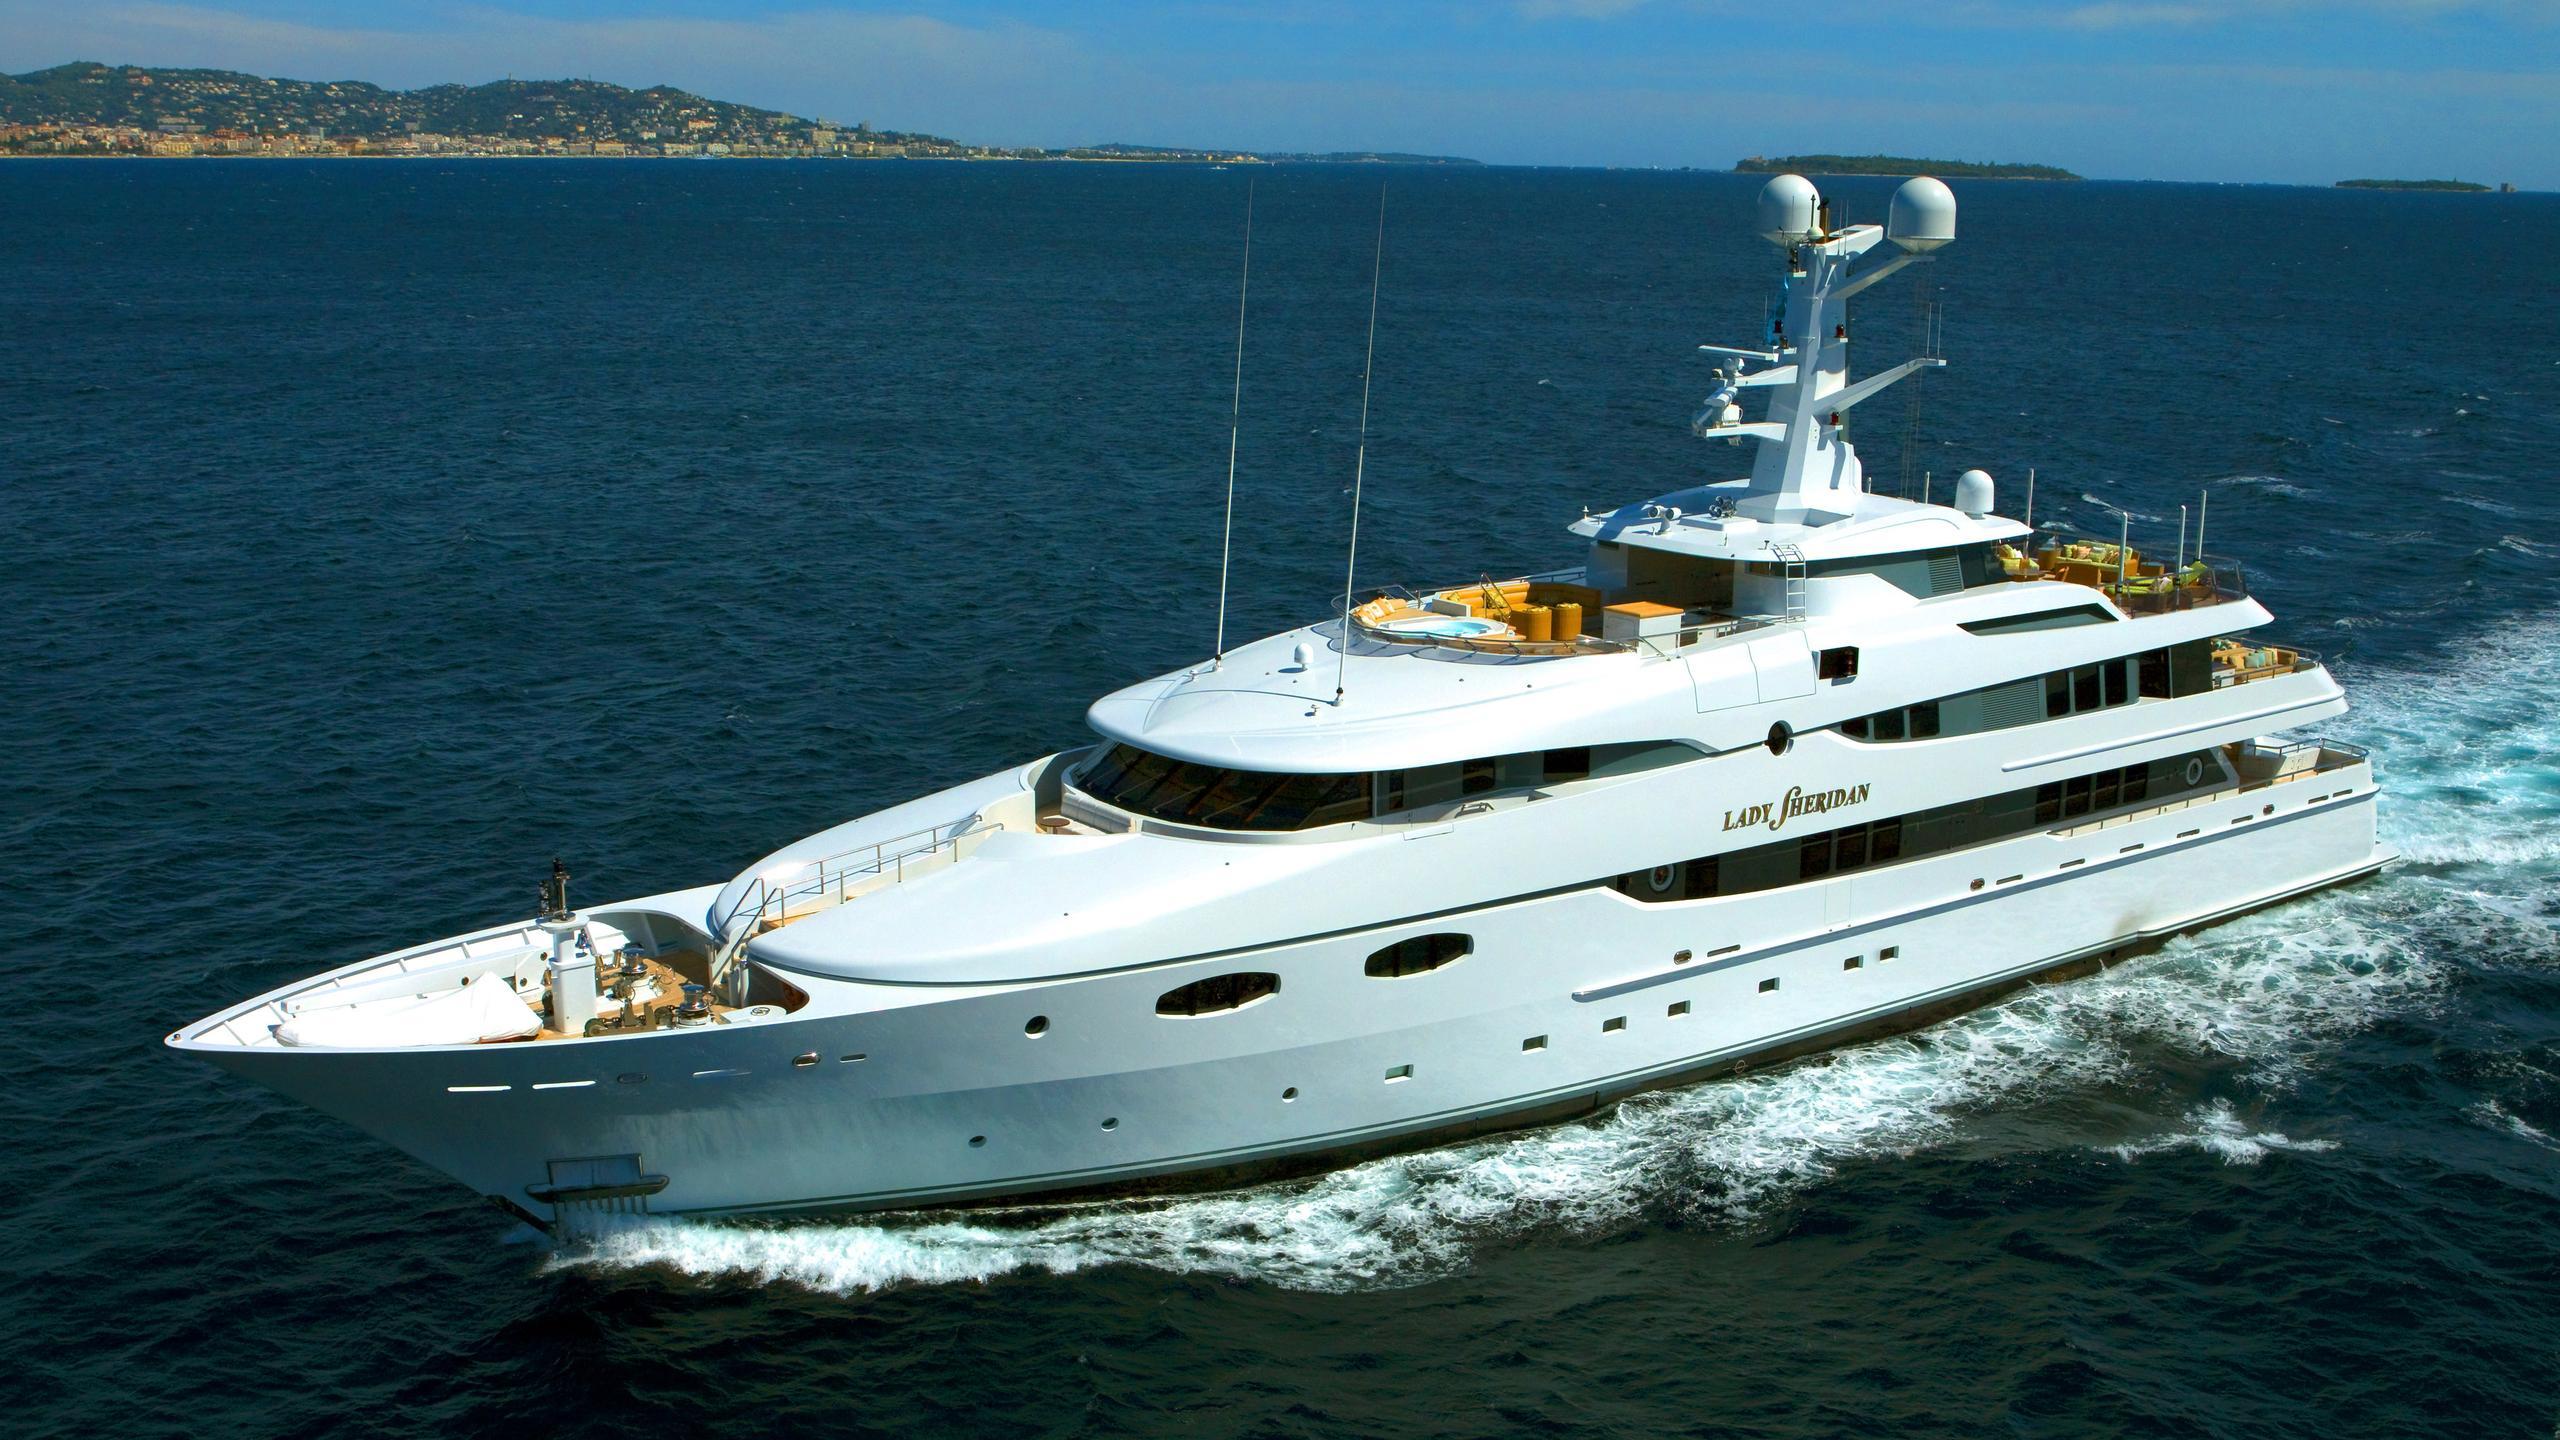 lady-sheridan-yacht-cruising